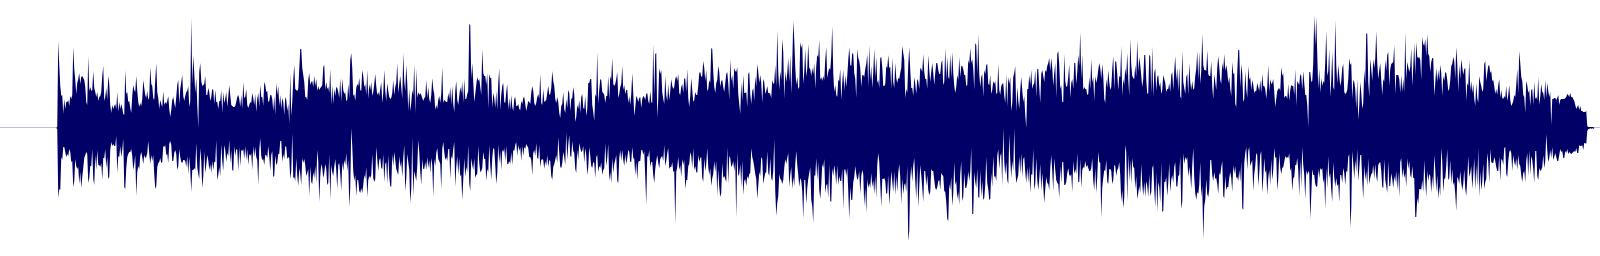 waveform of track #133593